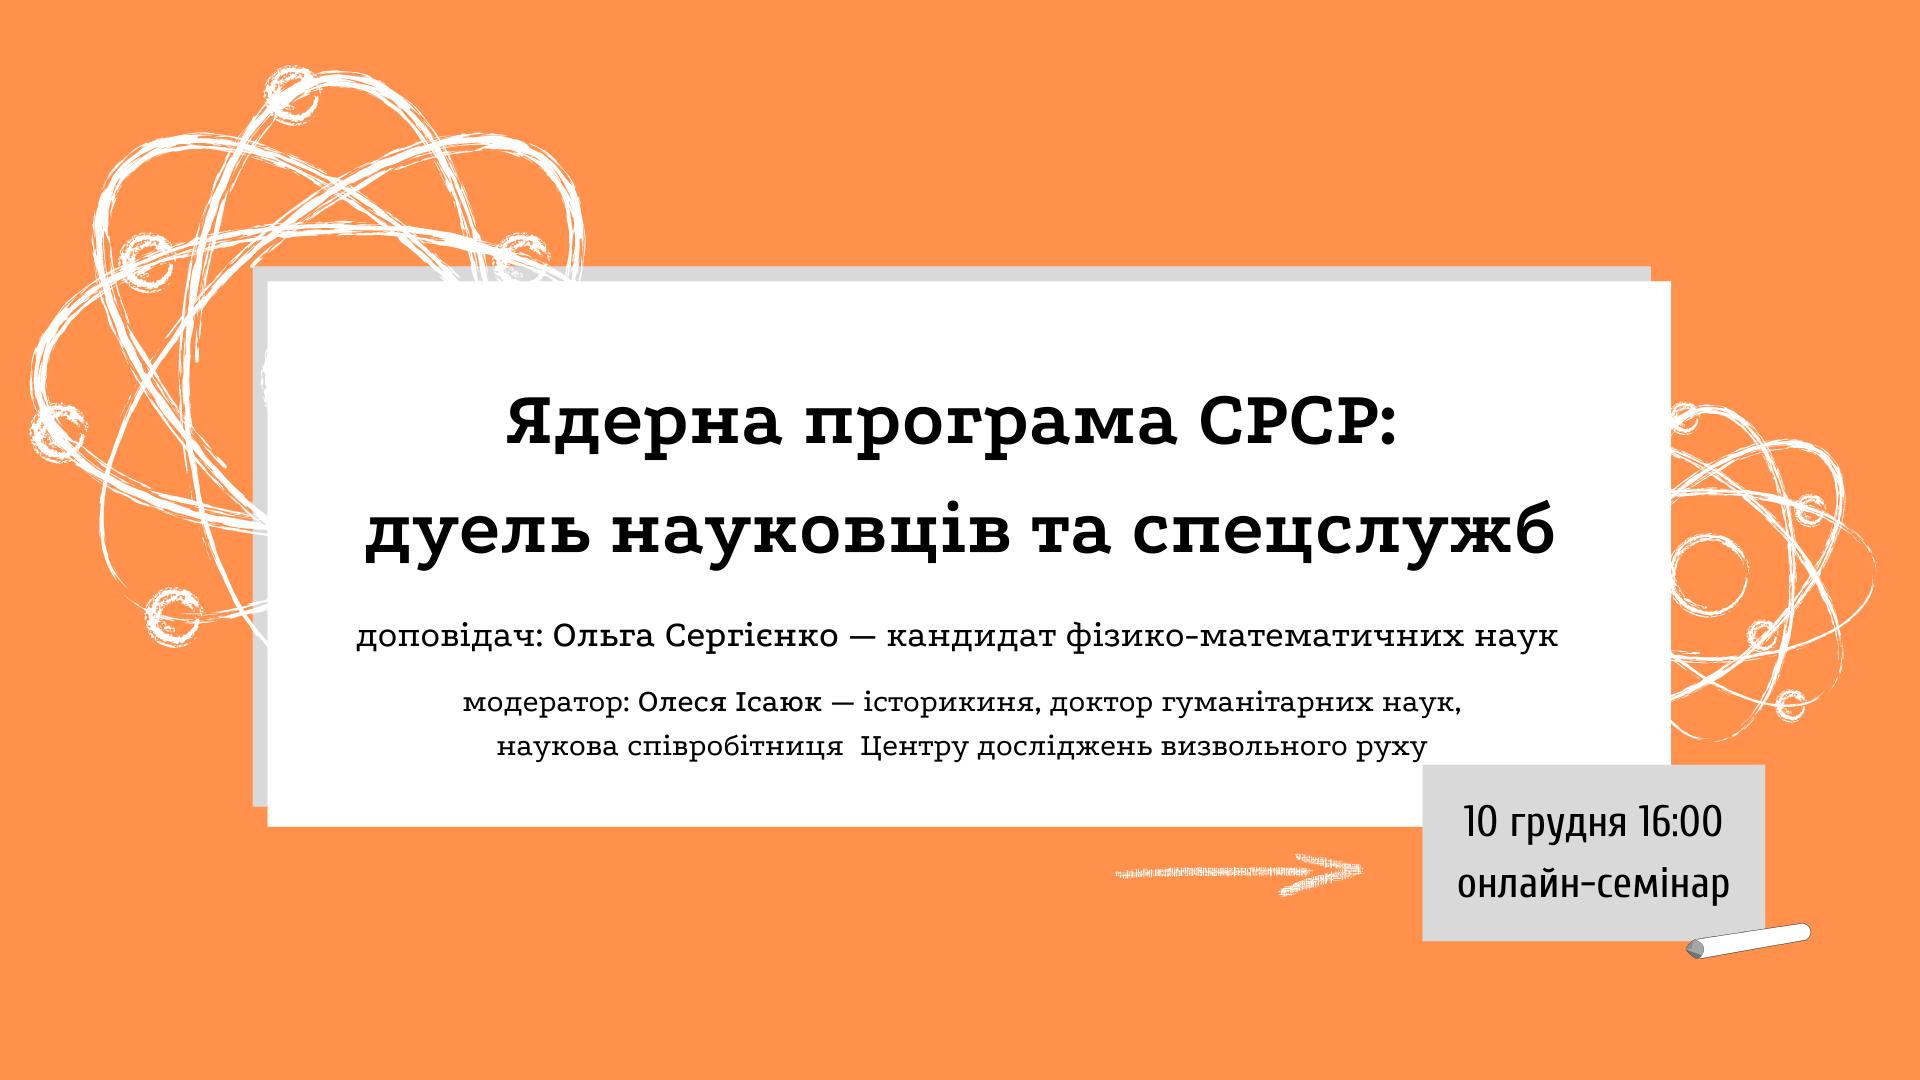 Ядерна програма СРСР: дуель науковців і спецслужб